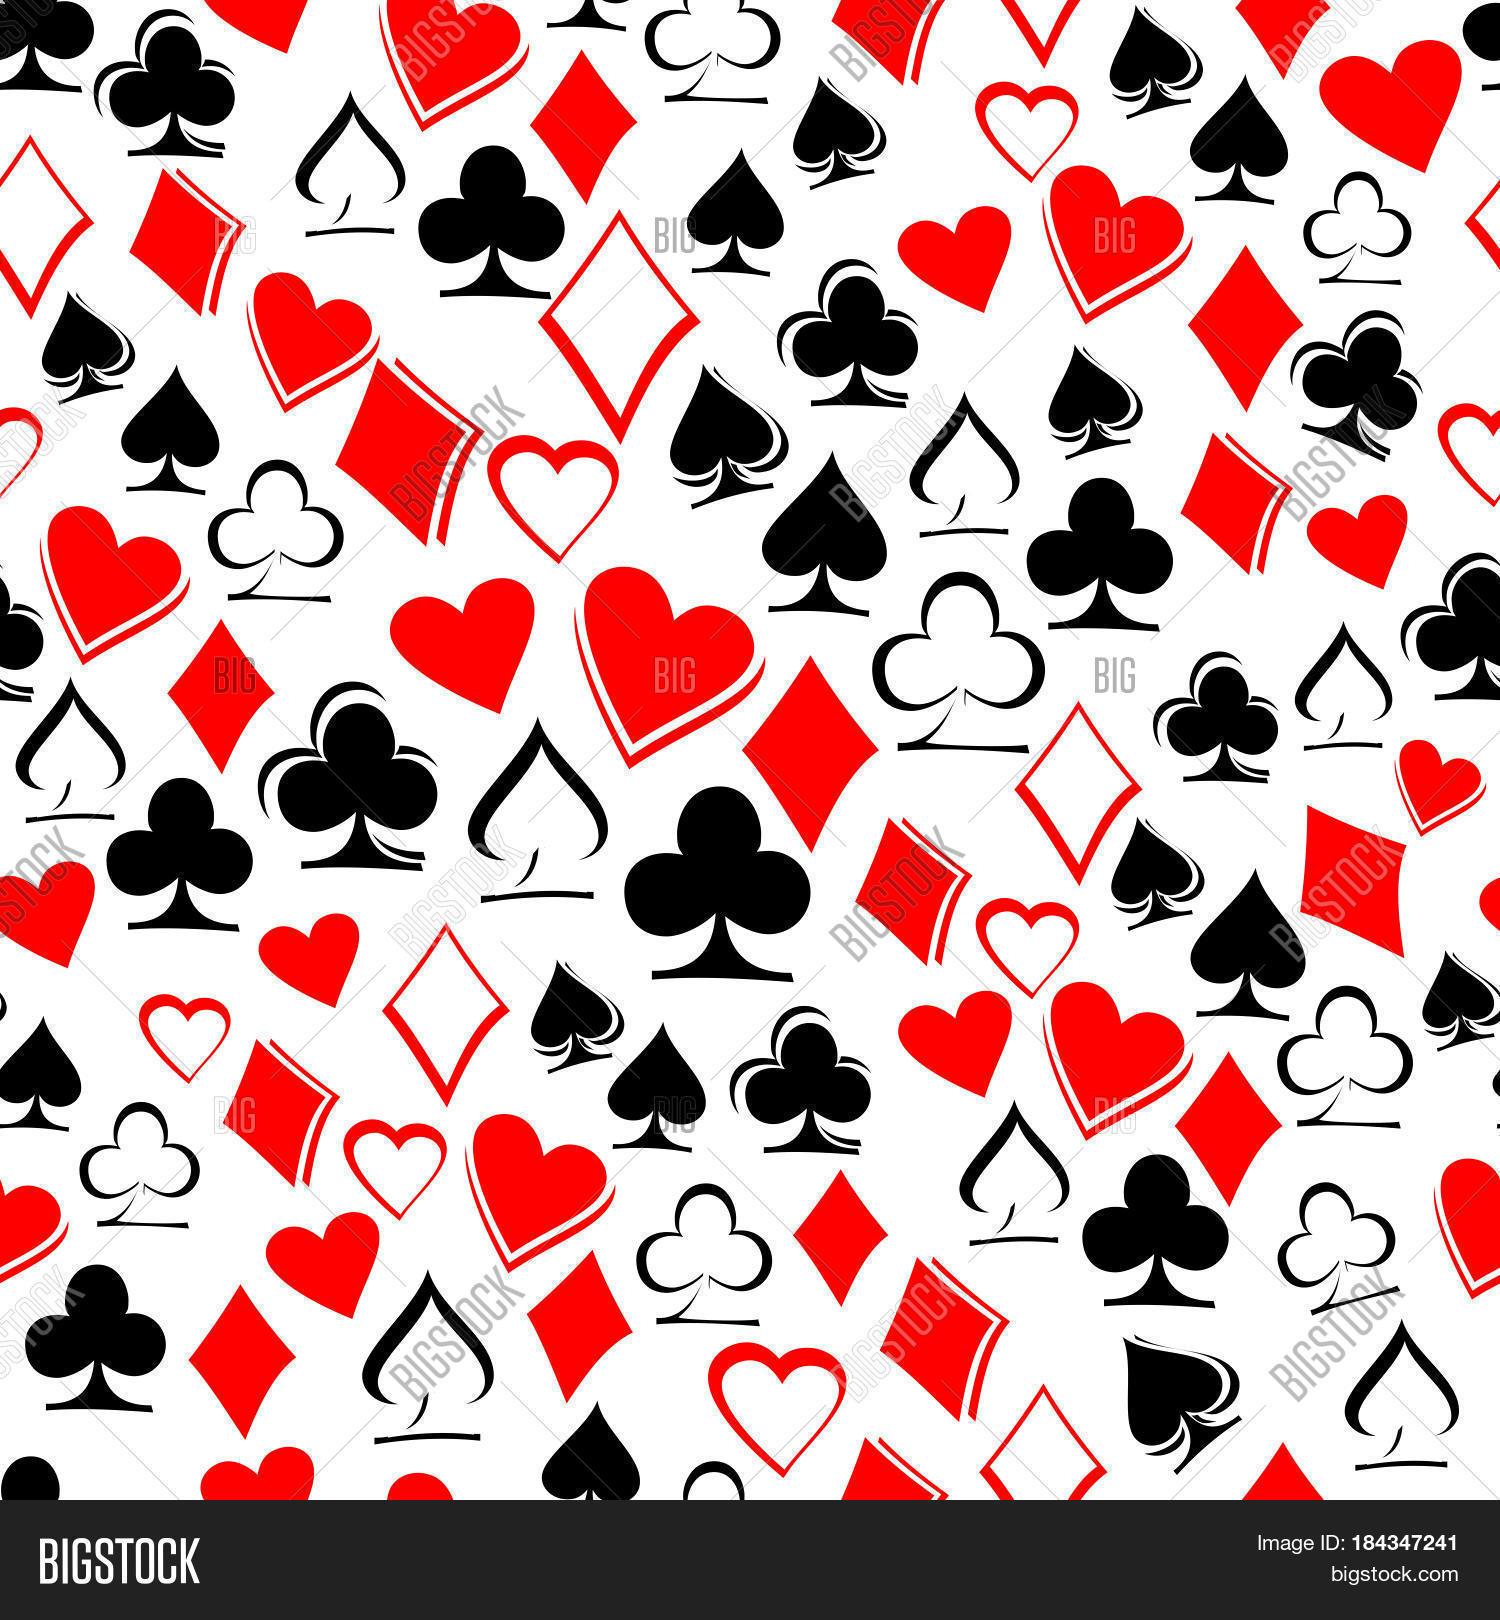 Vector Y Foto Playing Card Suits Prueba Gratis Bigstock